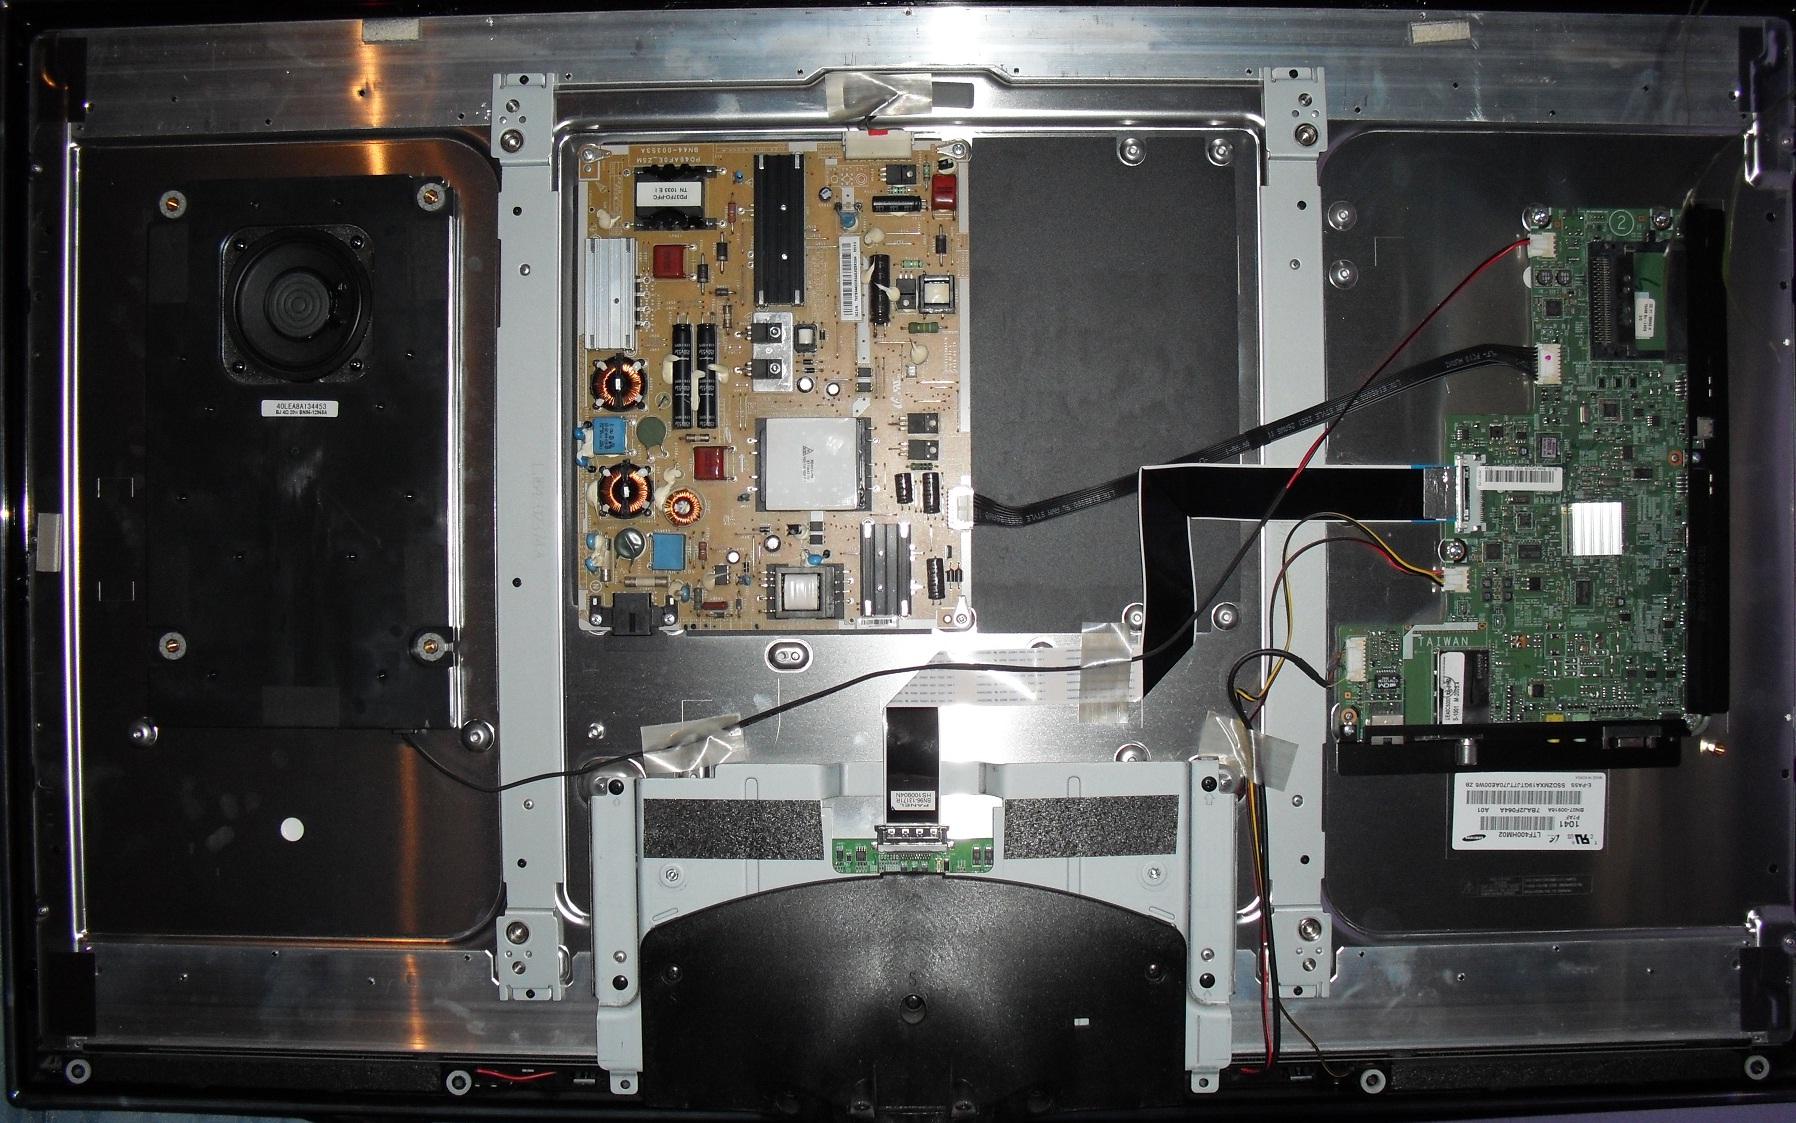 Samsung UE40C5000 - Pro�ba o wycen� podzespo��w.